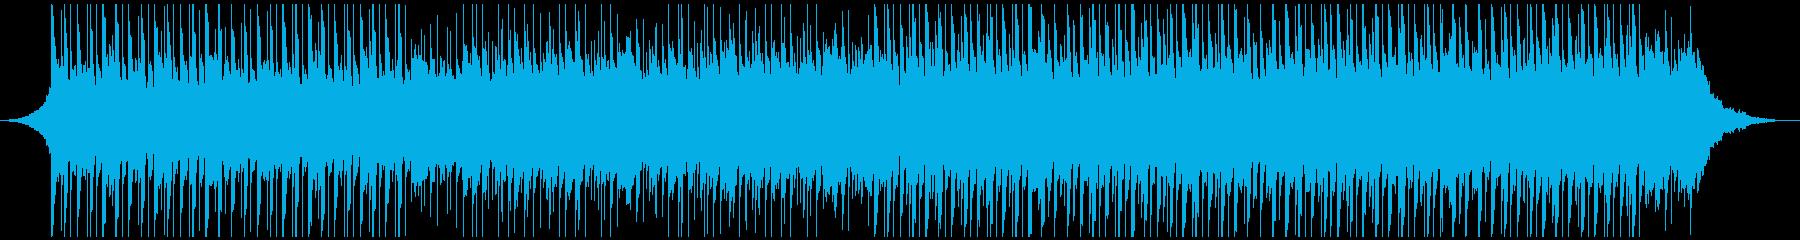 感動的な高揚(ショート)の再生済みの波形